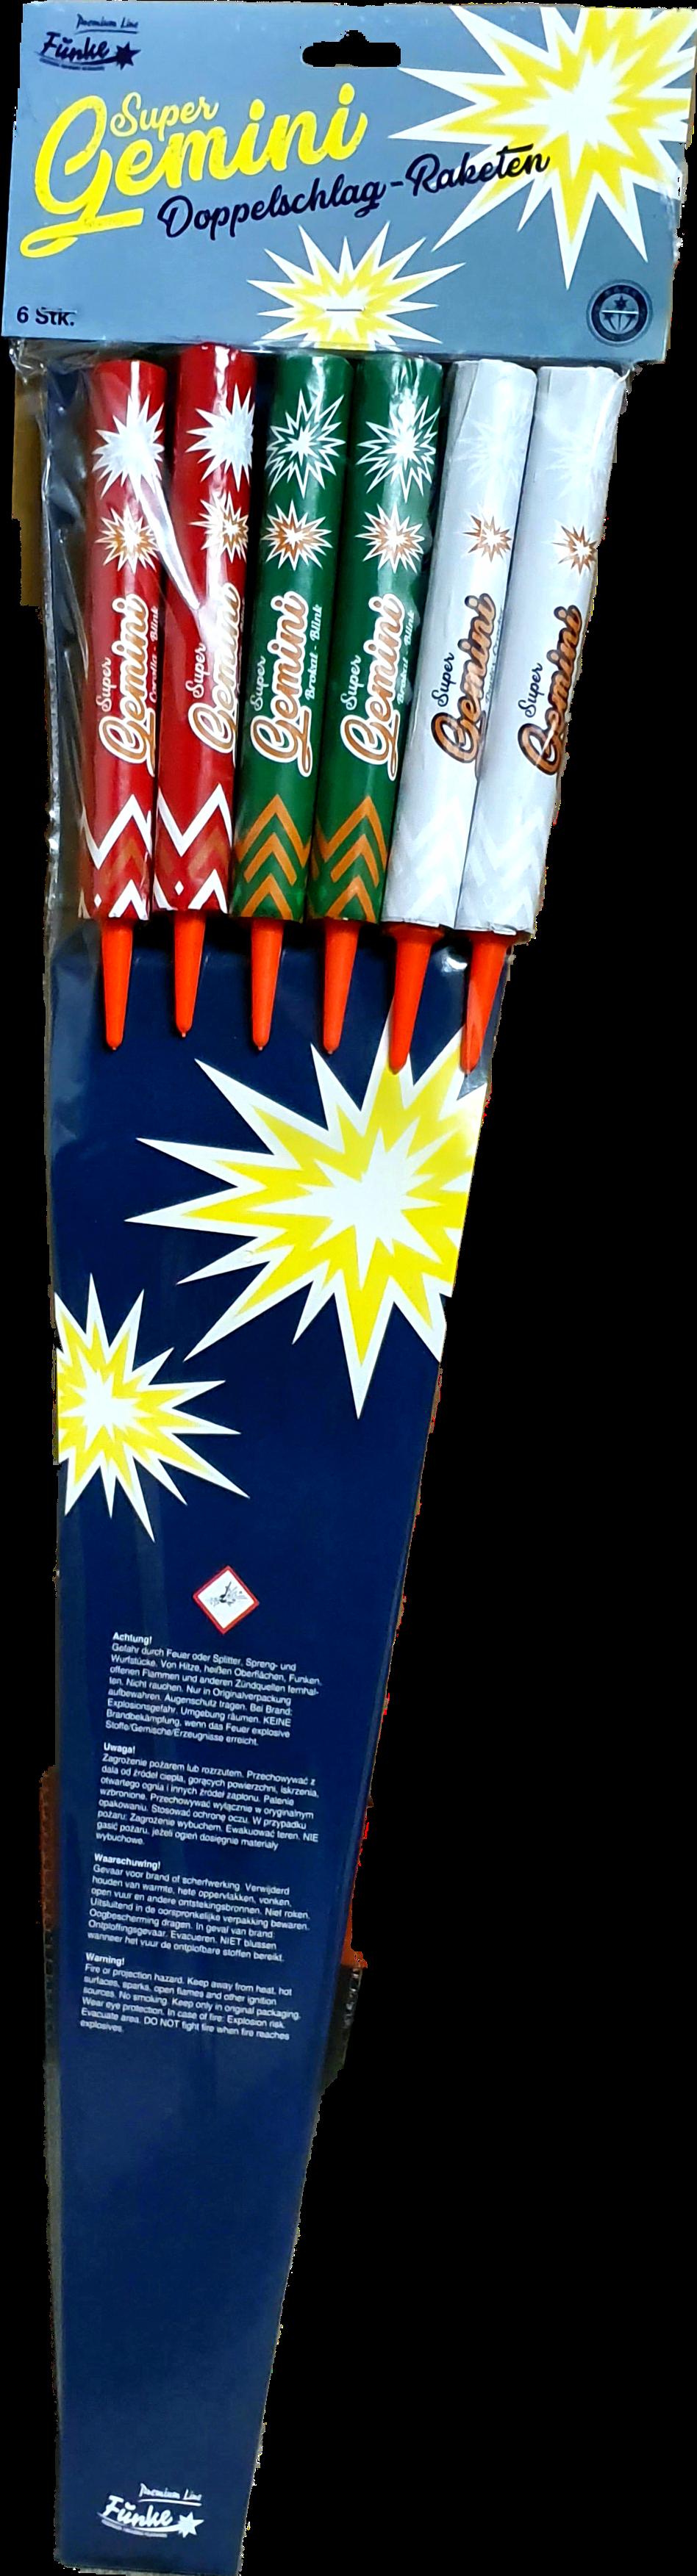 Super Gemini Raketen